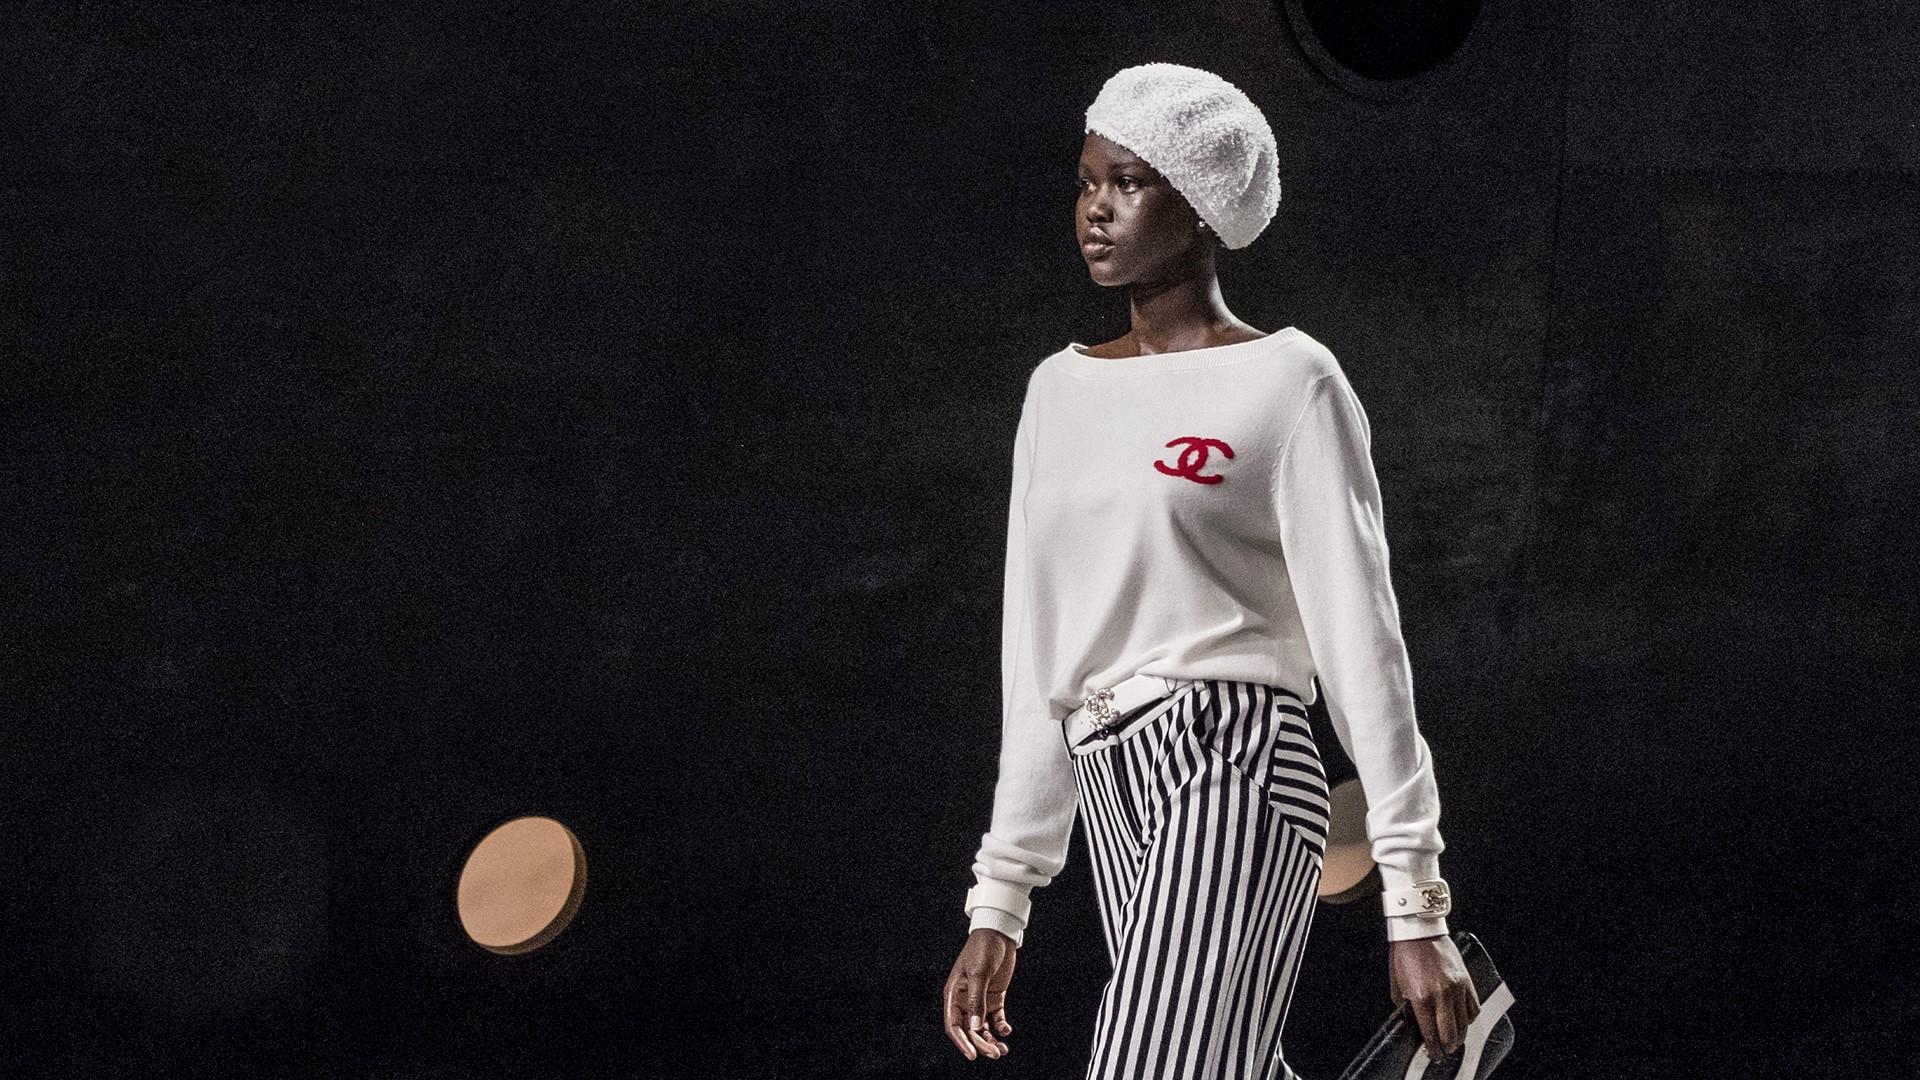 Suéter de cashmere da Barrie Knitwear, produtor escocês de cashemere da maison (Foto: Divulgação)